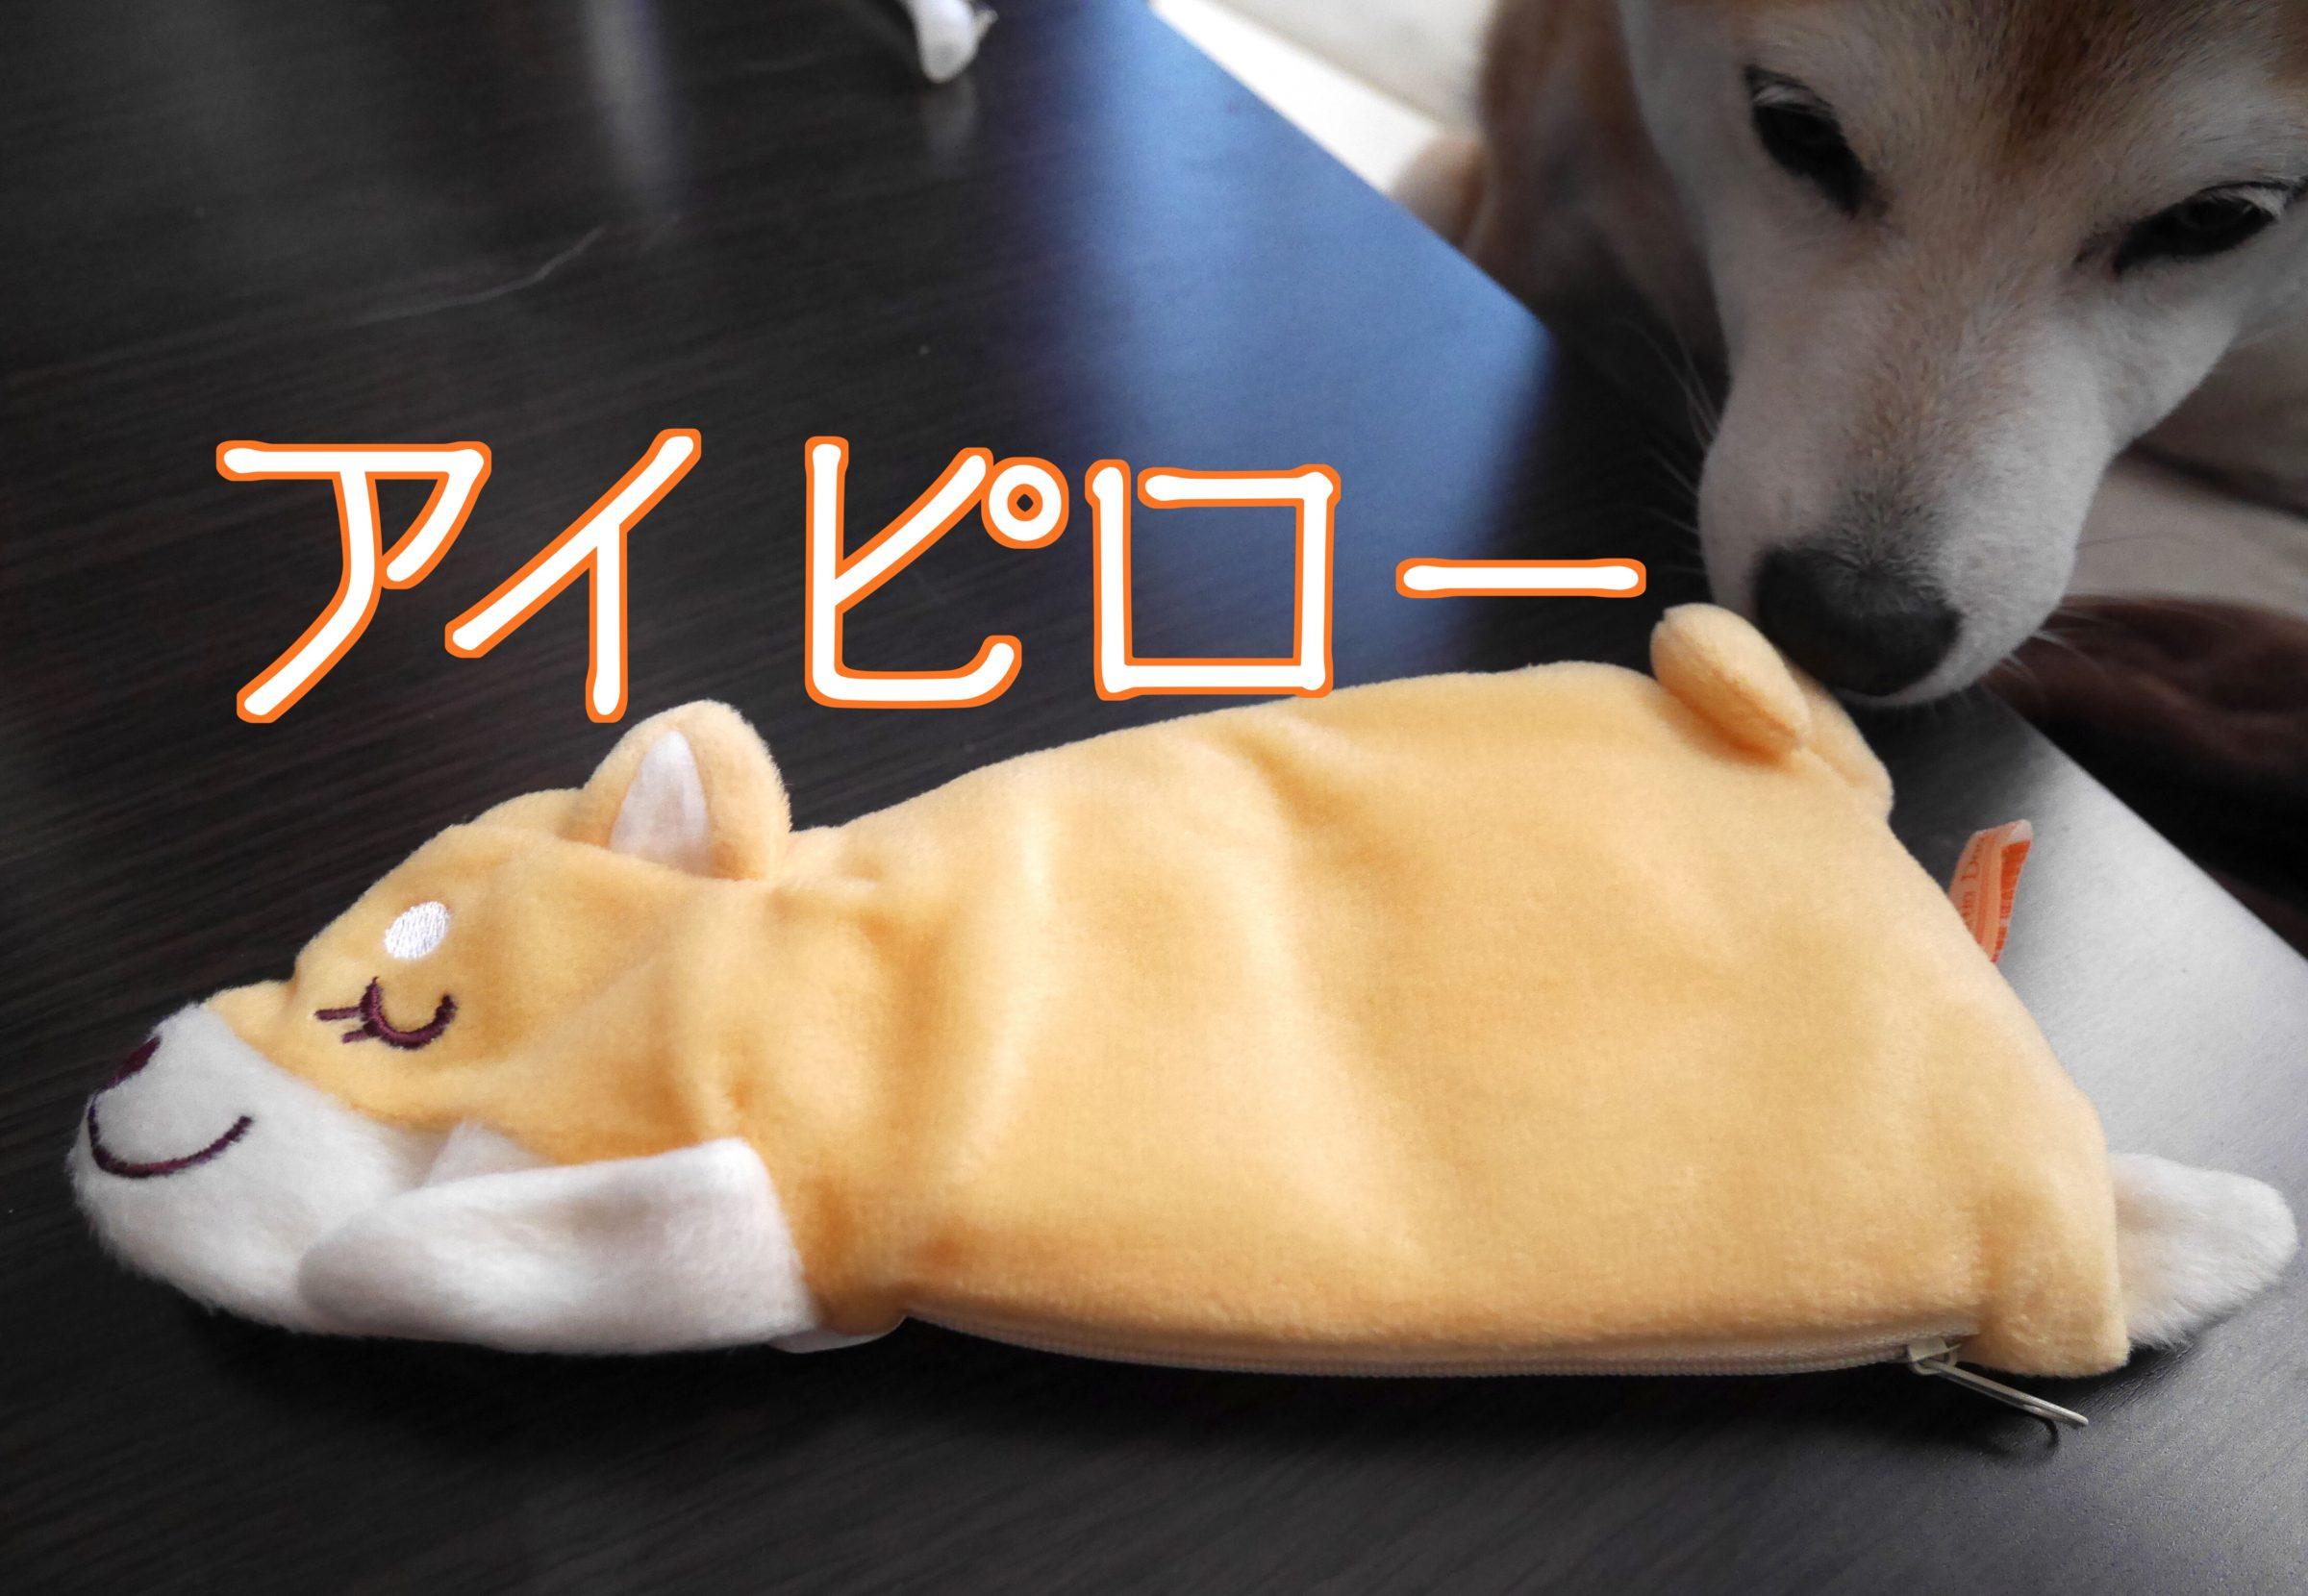 柴犬のアイピローが可愛すぎたので即買いしたので自慢します!